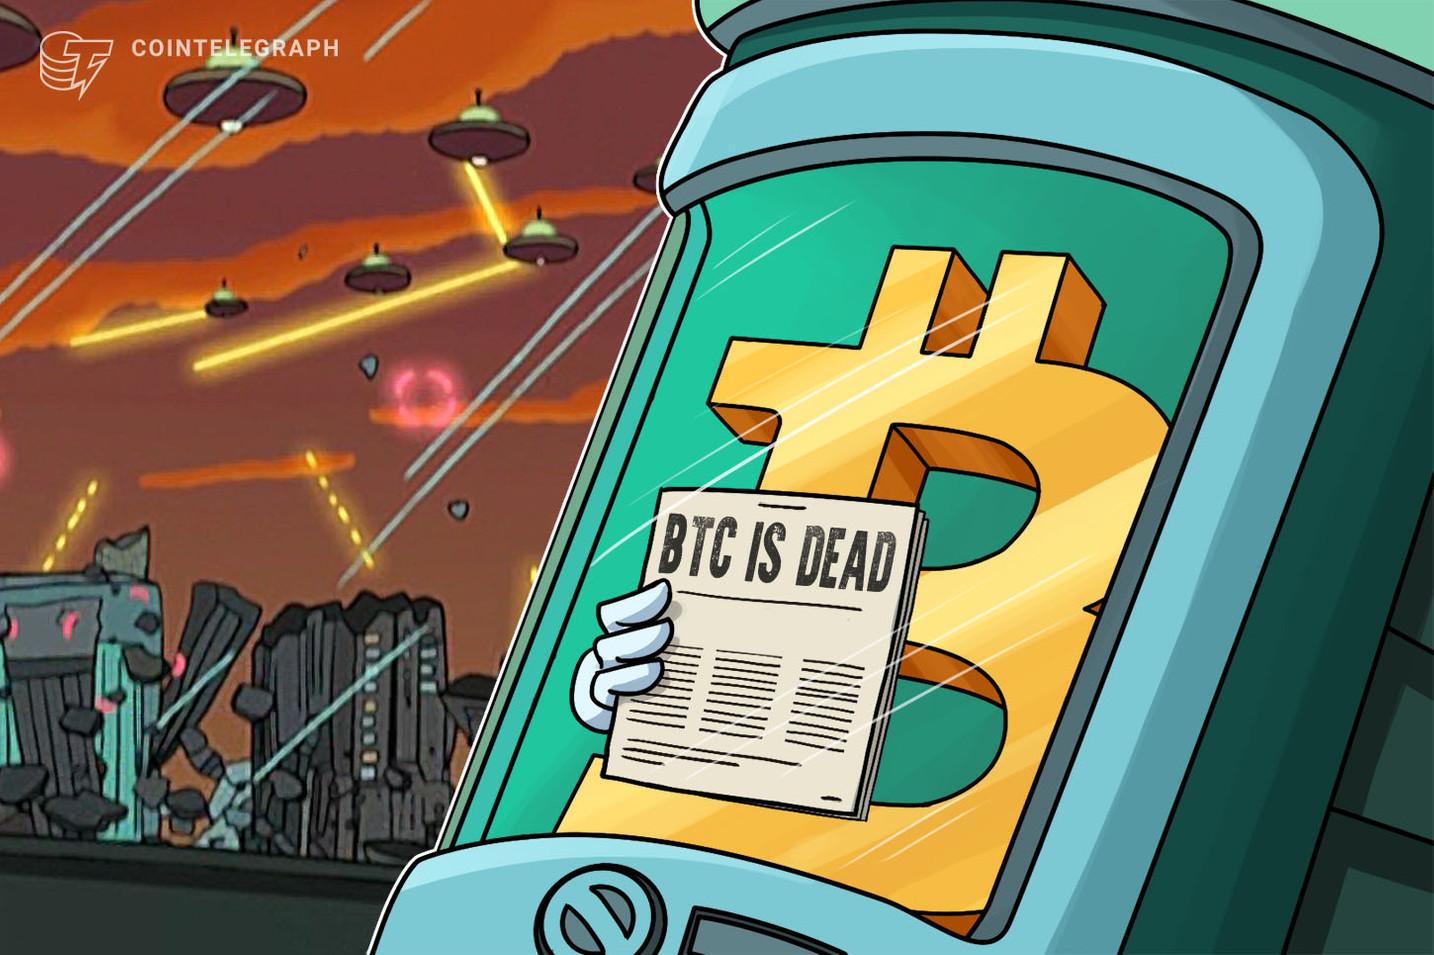 Bitcoin ha vissuto più a lungo del primo sito ad aver pronosticato la sua morte